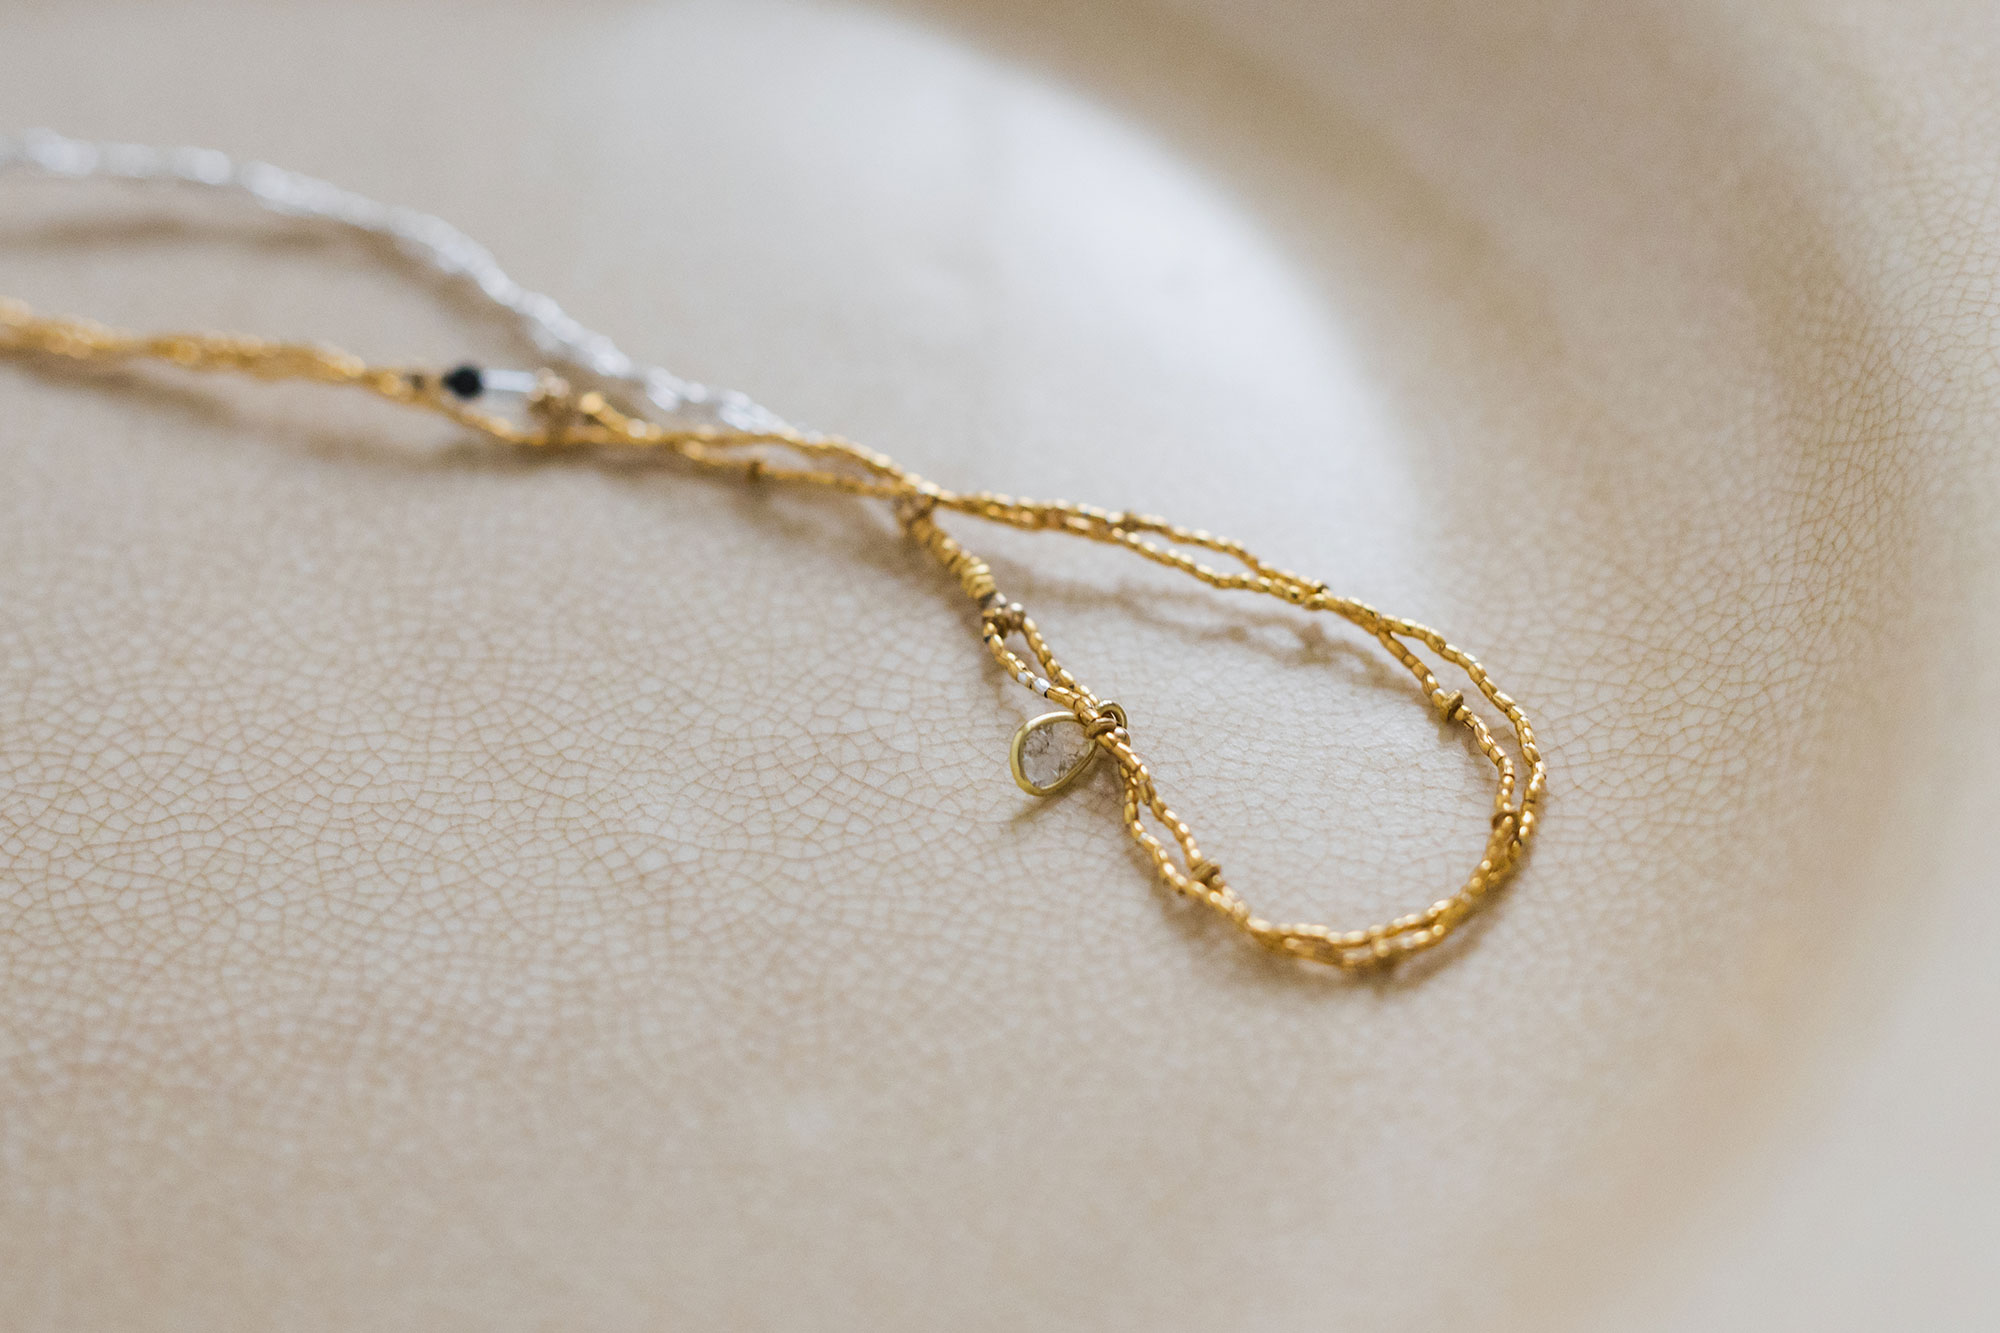 立田暁子 amulet necklace スライスダイヤモンド 45cm